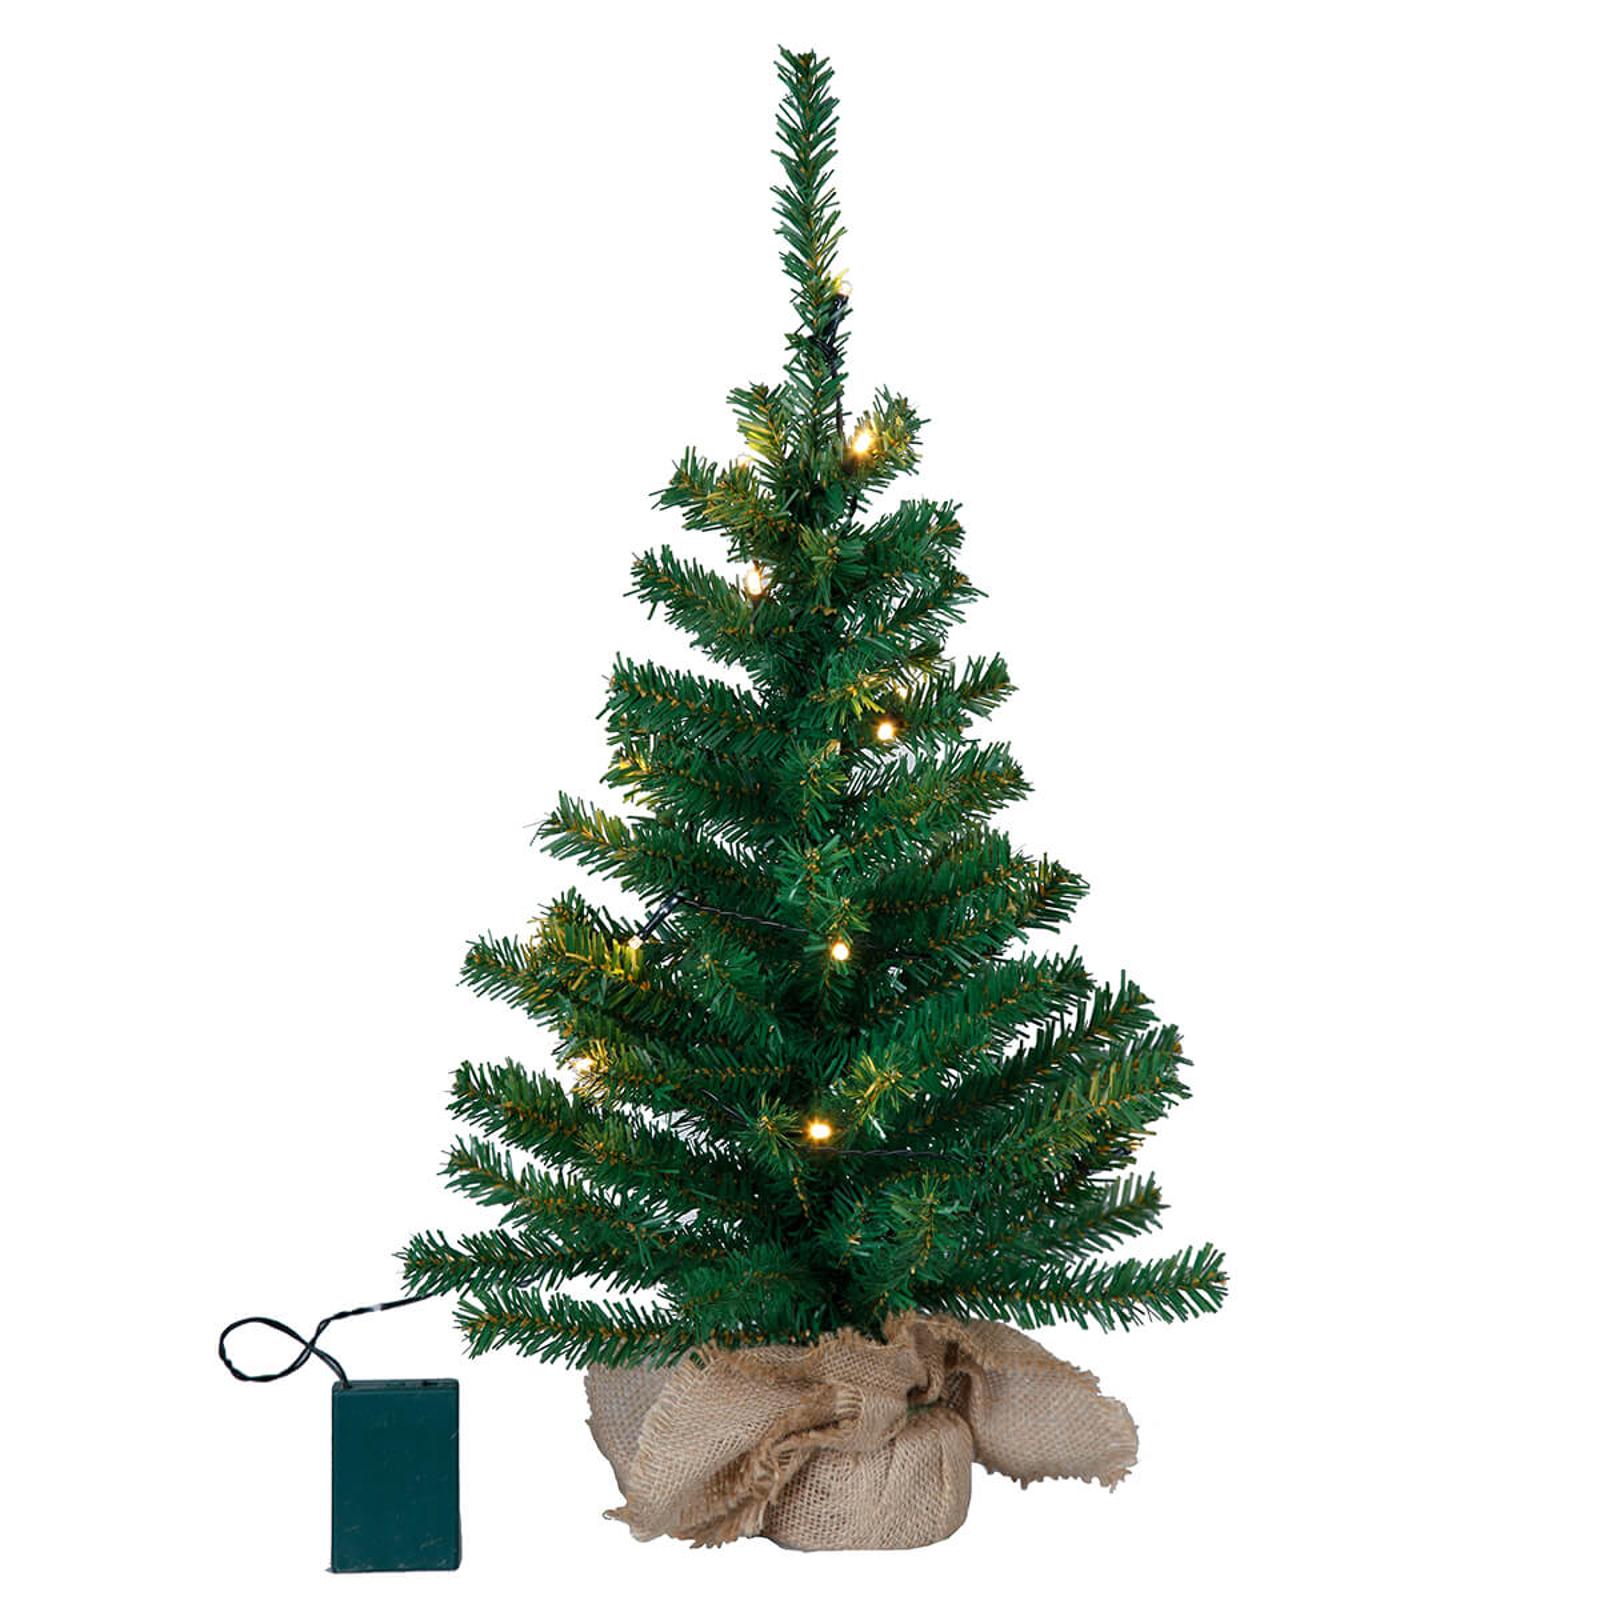 Lille LED træ Toppy i lærredssæk